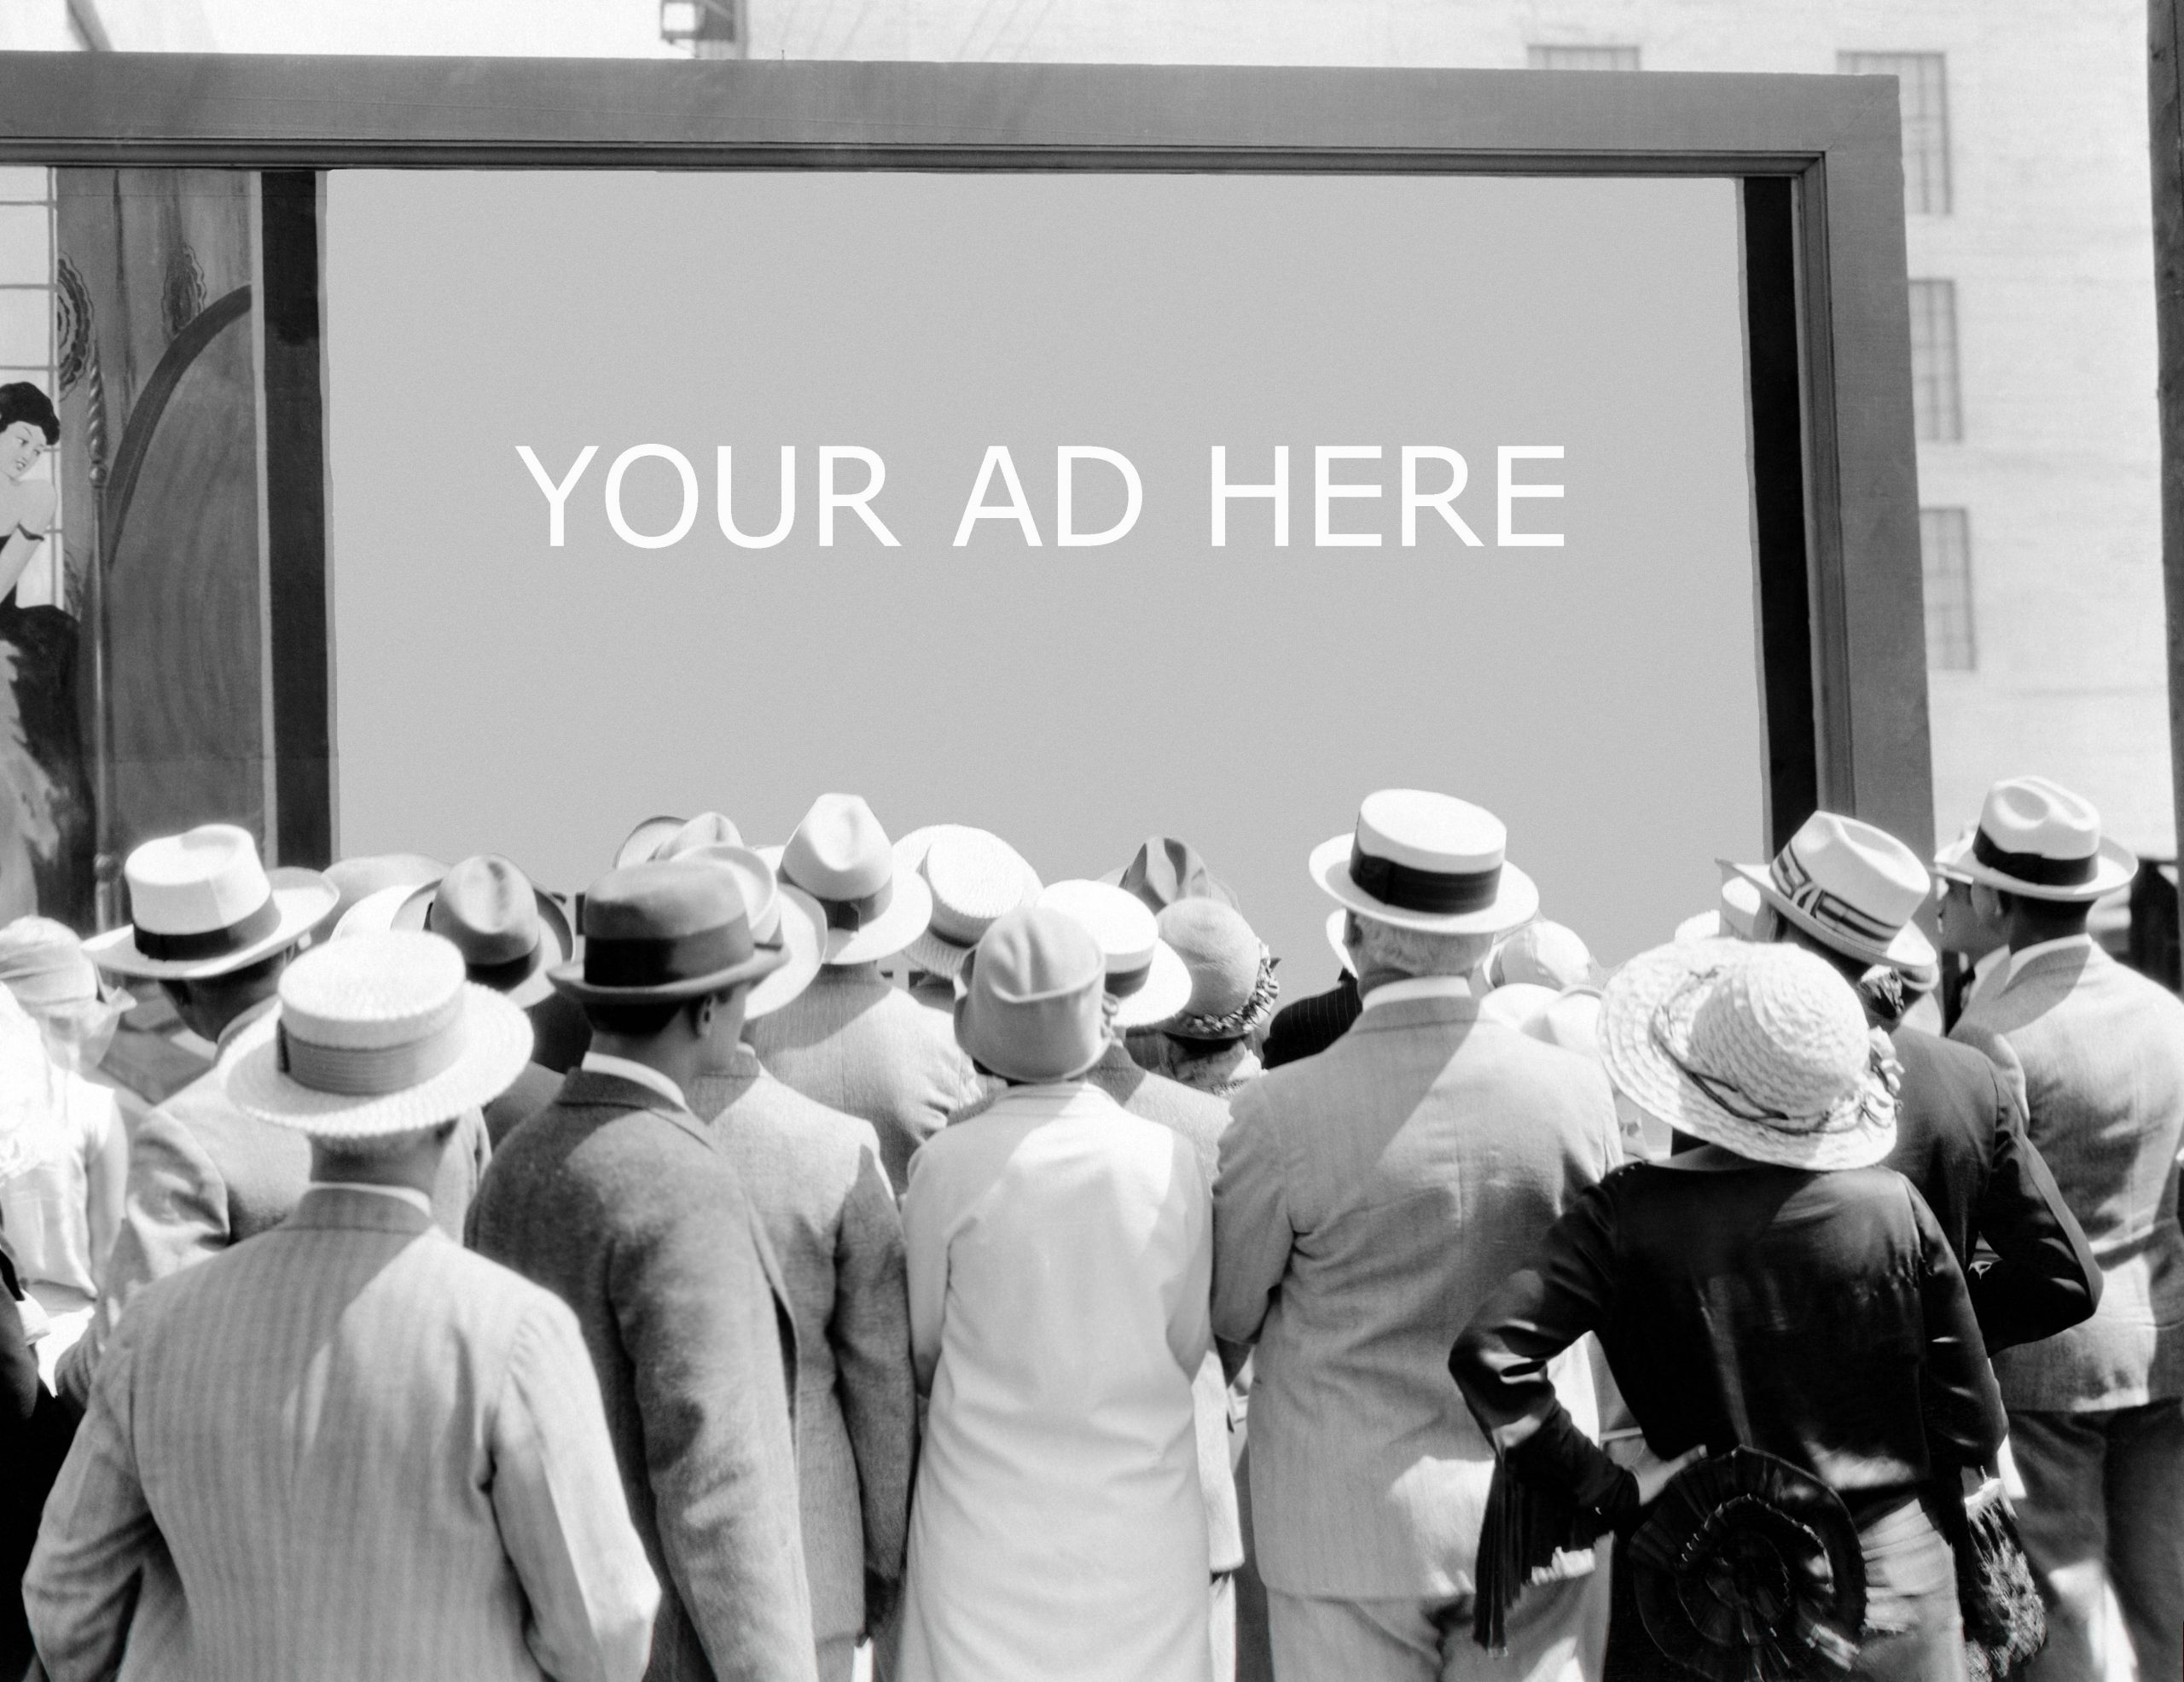 La publicidad en la sociedad actual